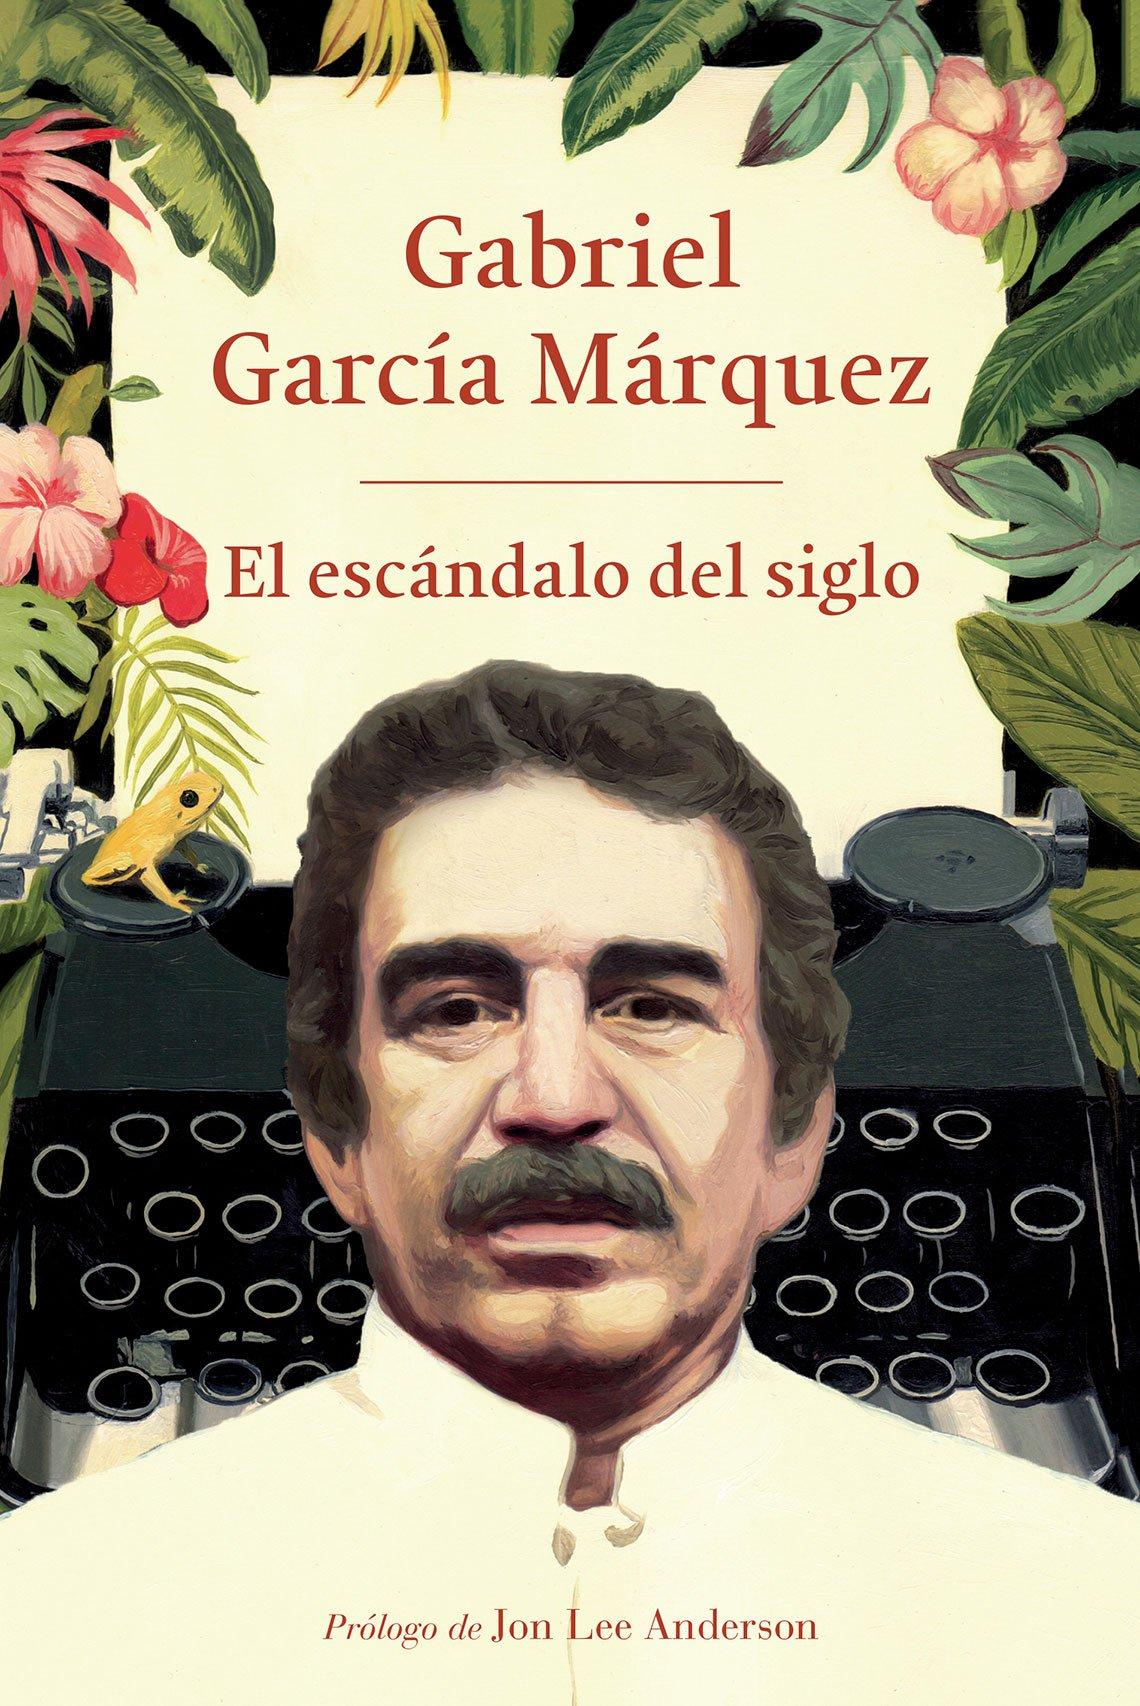 Portada del libro El escándalo del siglo de Gabriel García Márquez